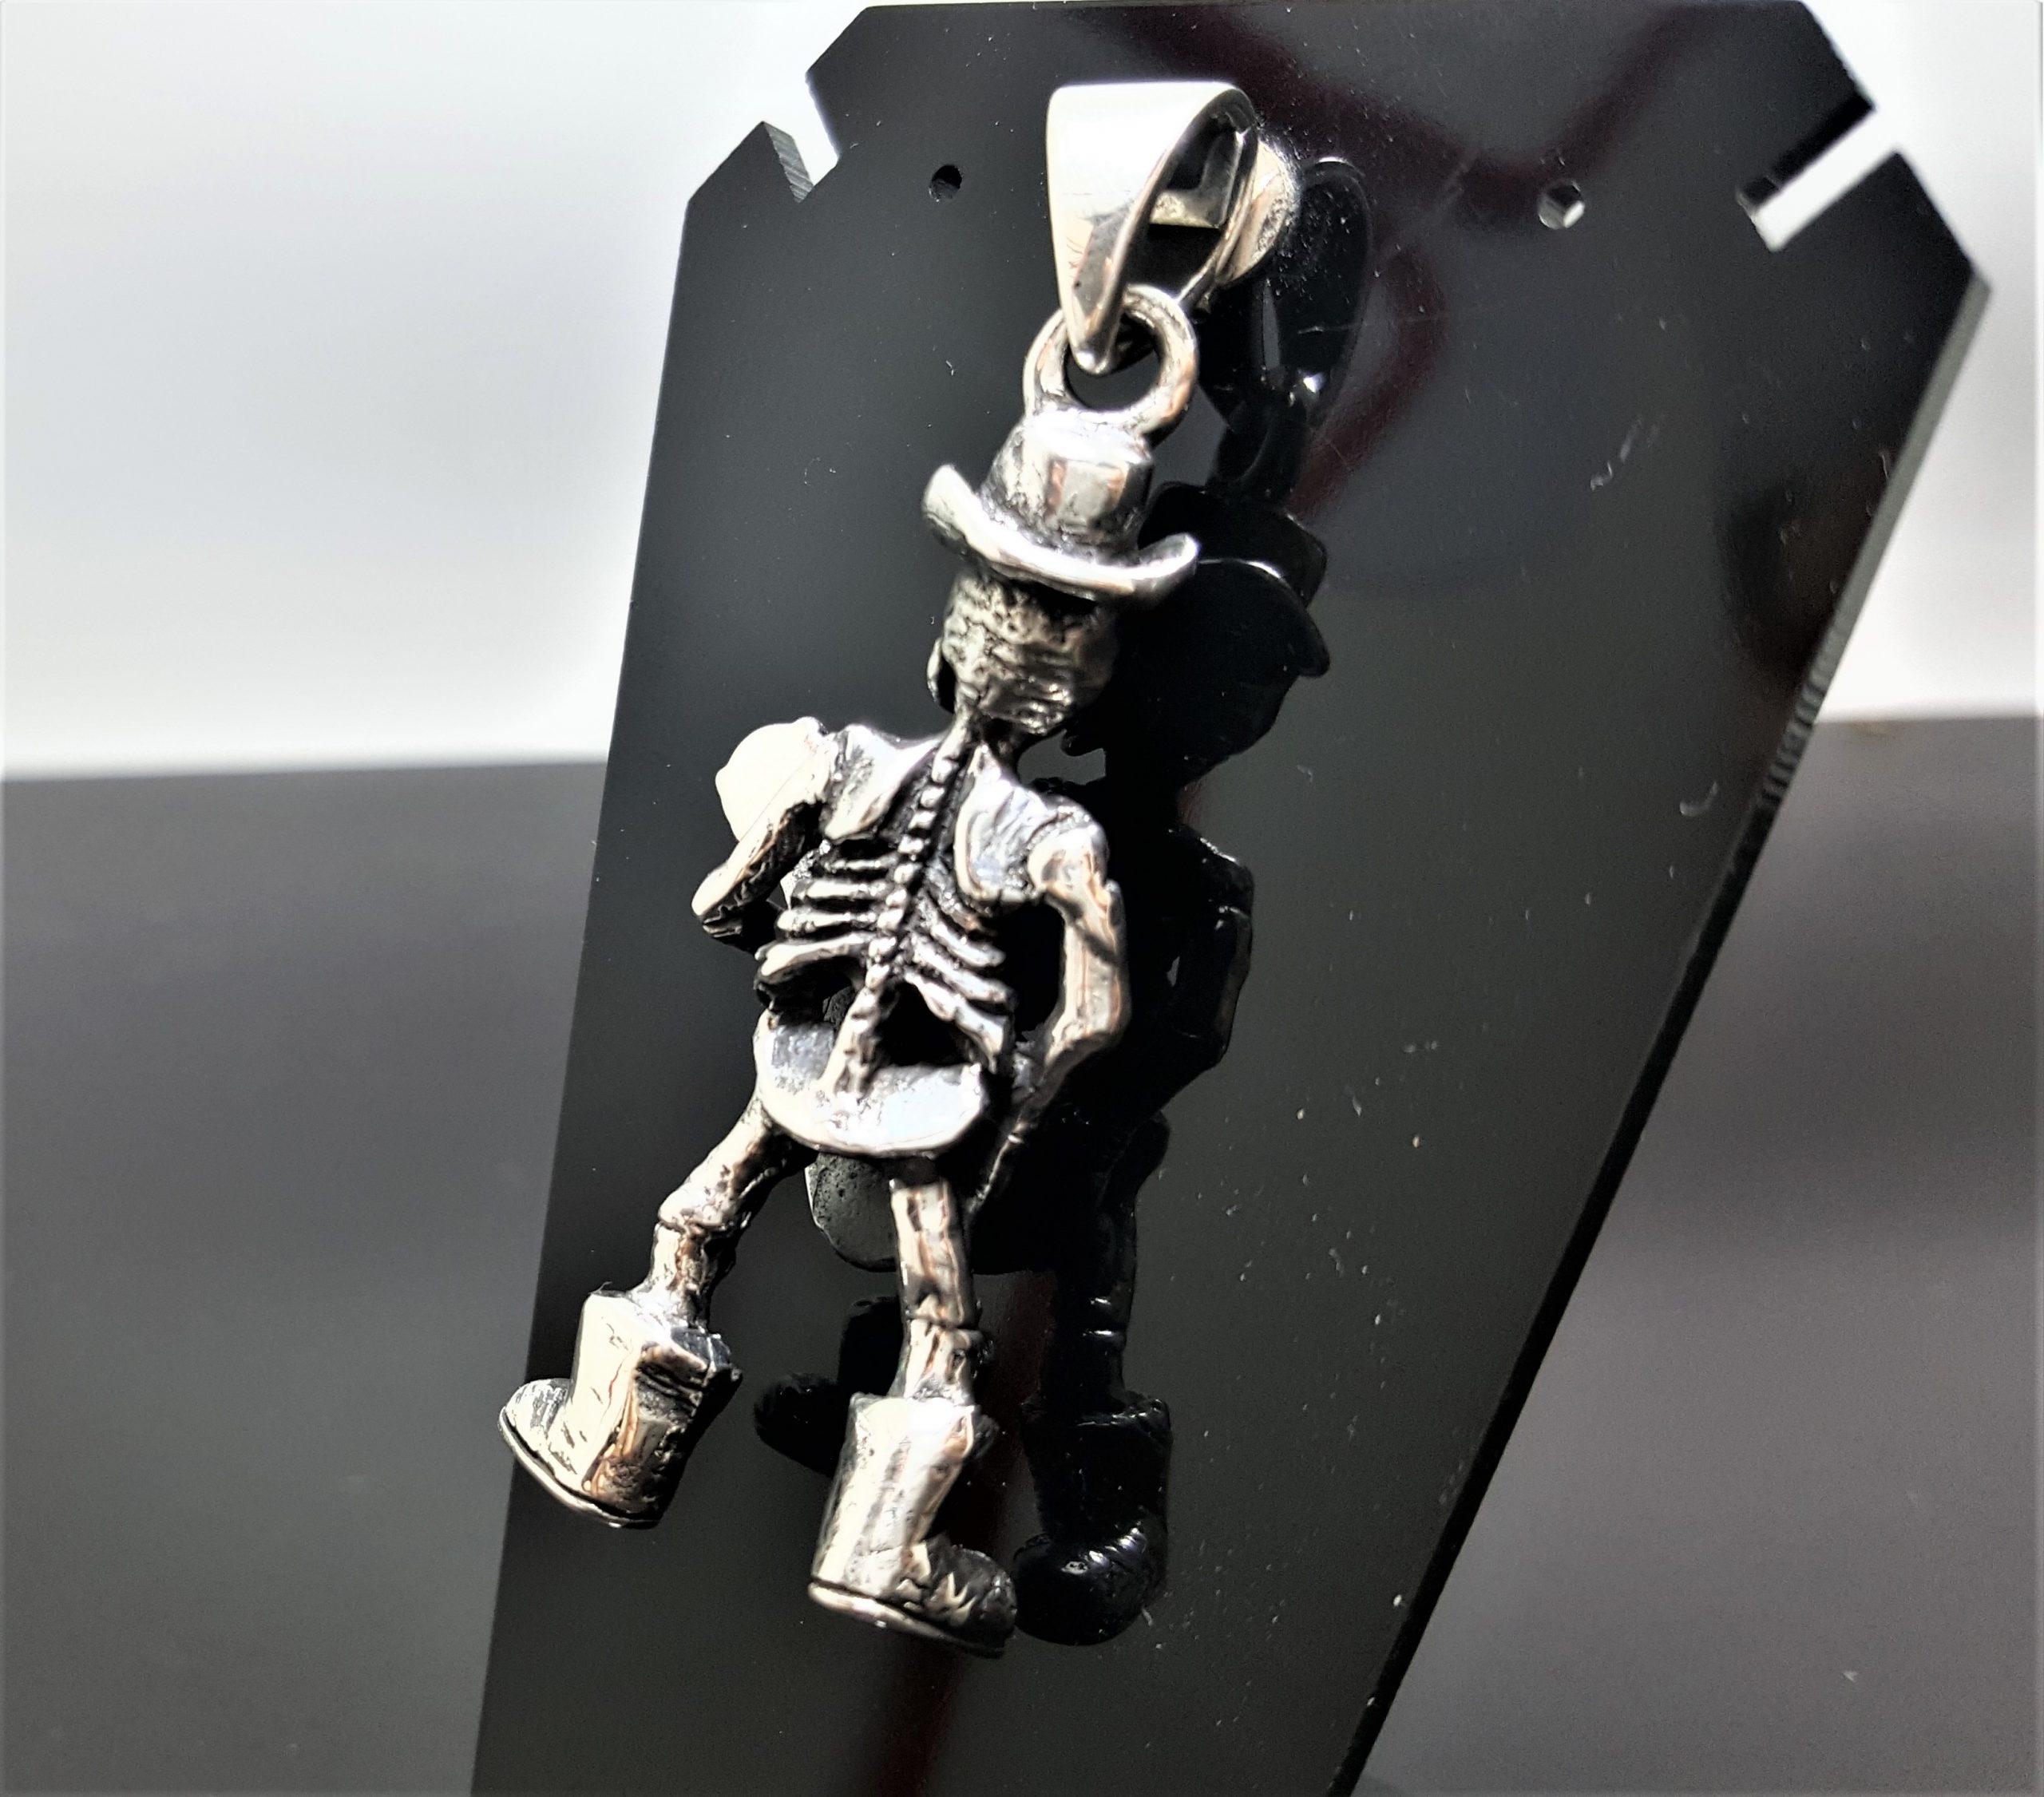 Details about  /Artisan 925 Solid Sterling Silver Mens Punk Gothic Rocker Biker Skull Hand Skele